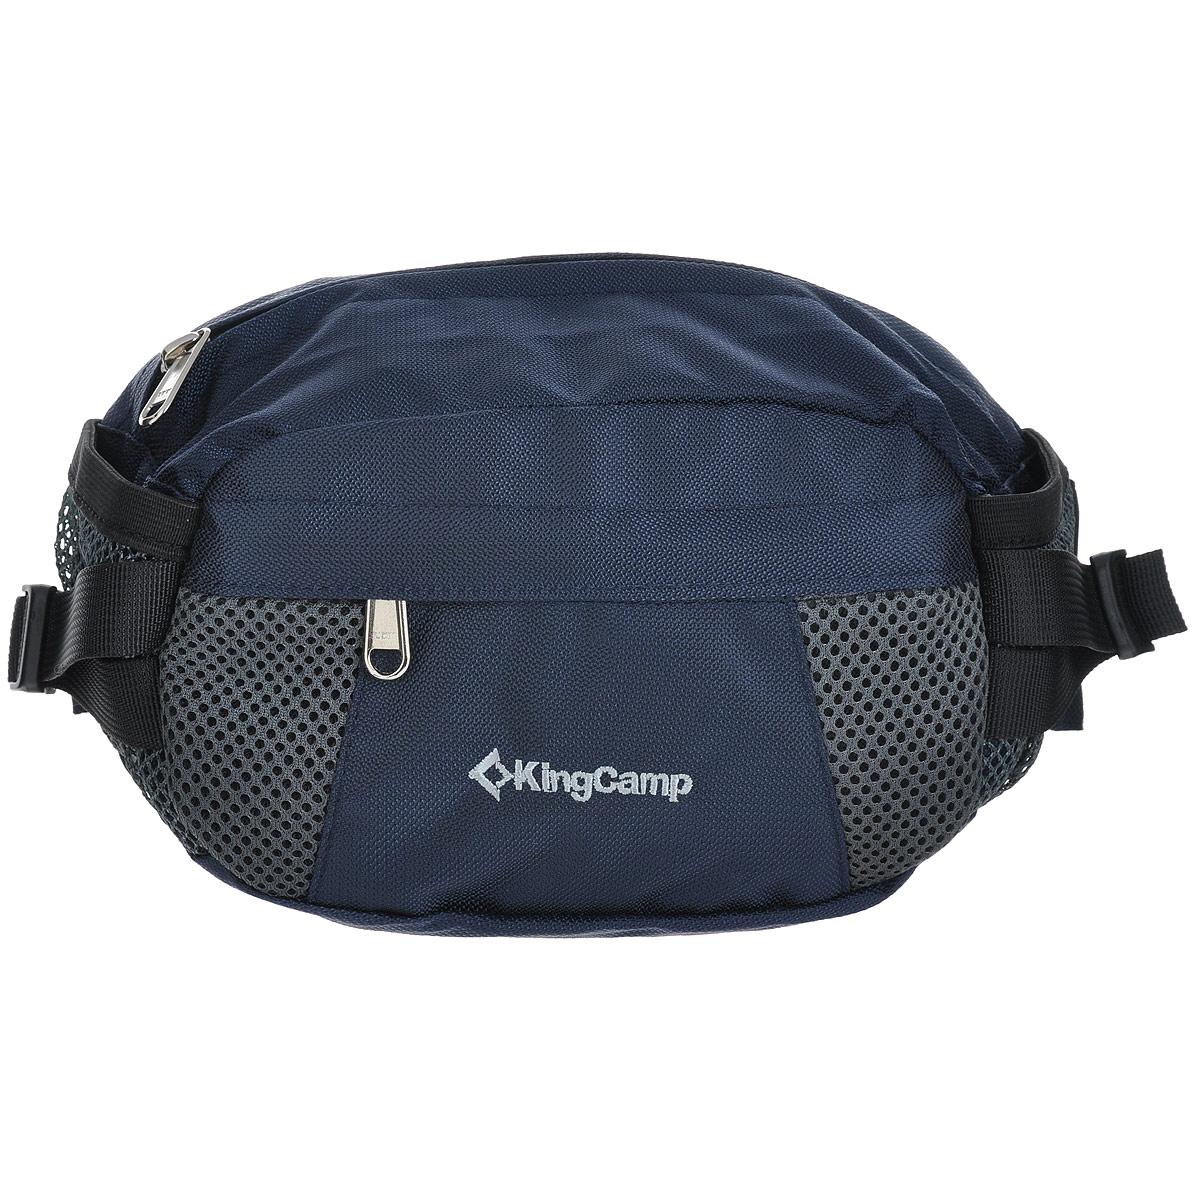 Сумка поясная KingCamp Coral, цвет: синий10130-11Поясная сумка KingCamp Coral изготовлена из нейлона. Сумка имеет 1 основное отделение на застежке-молнии с 2 накладными карманами, одно из которых закрывается на застежку молнию. На лицевой стороне расположен накладной карман на застежке-молнии, по бокам - 2 сетчатых кармашка.Такая сумка отлично подойдет любителям фитнеса и пробежек. В нее можно положить необходимые вещи, такие как плеер, ключи, телефон, не боясь, что они потеряются. Сумка крепится на пояс при помощи ремня с пластиковым карабином. Максимальная длина пояса: 95 см.